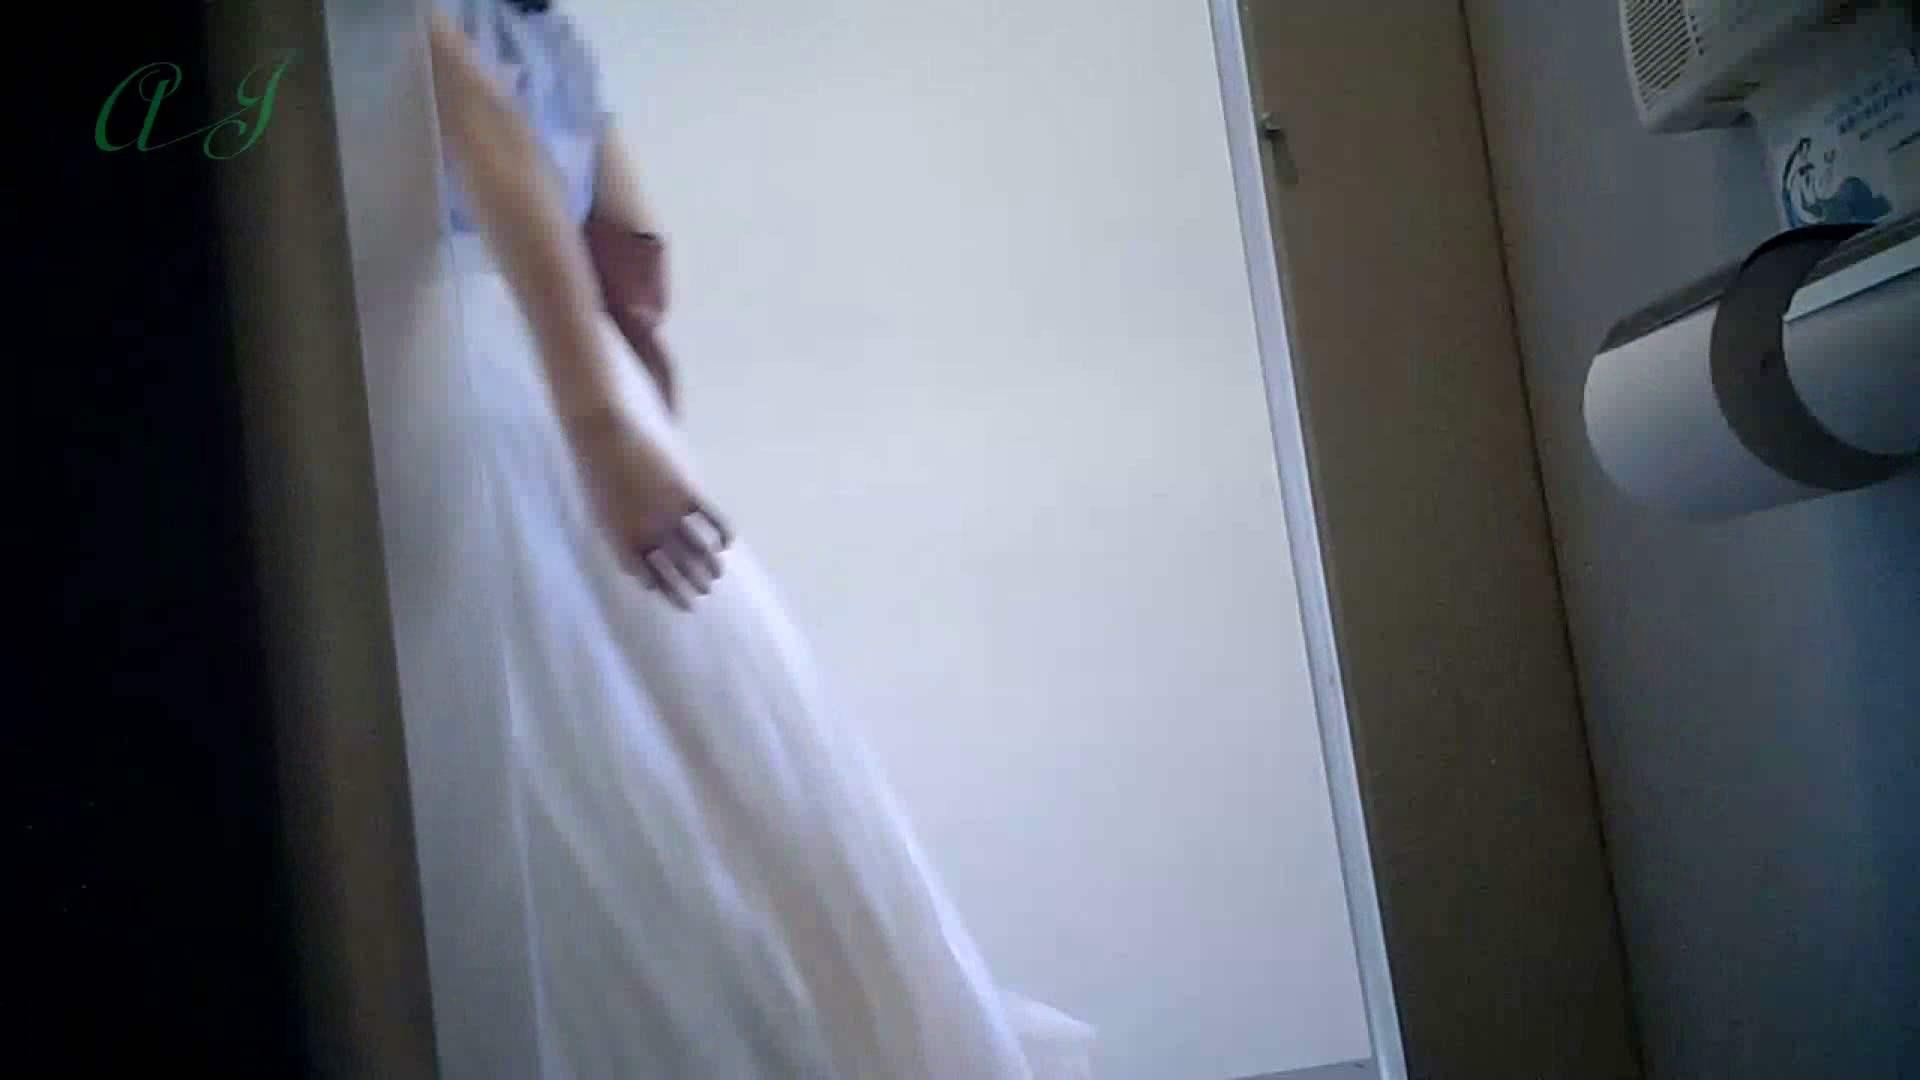 有名大学女性洗面所 vol.67トイレの女神さま♪ 和式 オメコ動画キャプチャ 89PIX 29